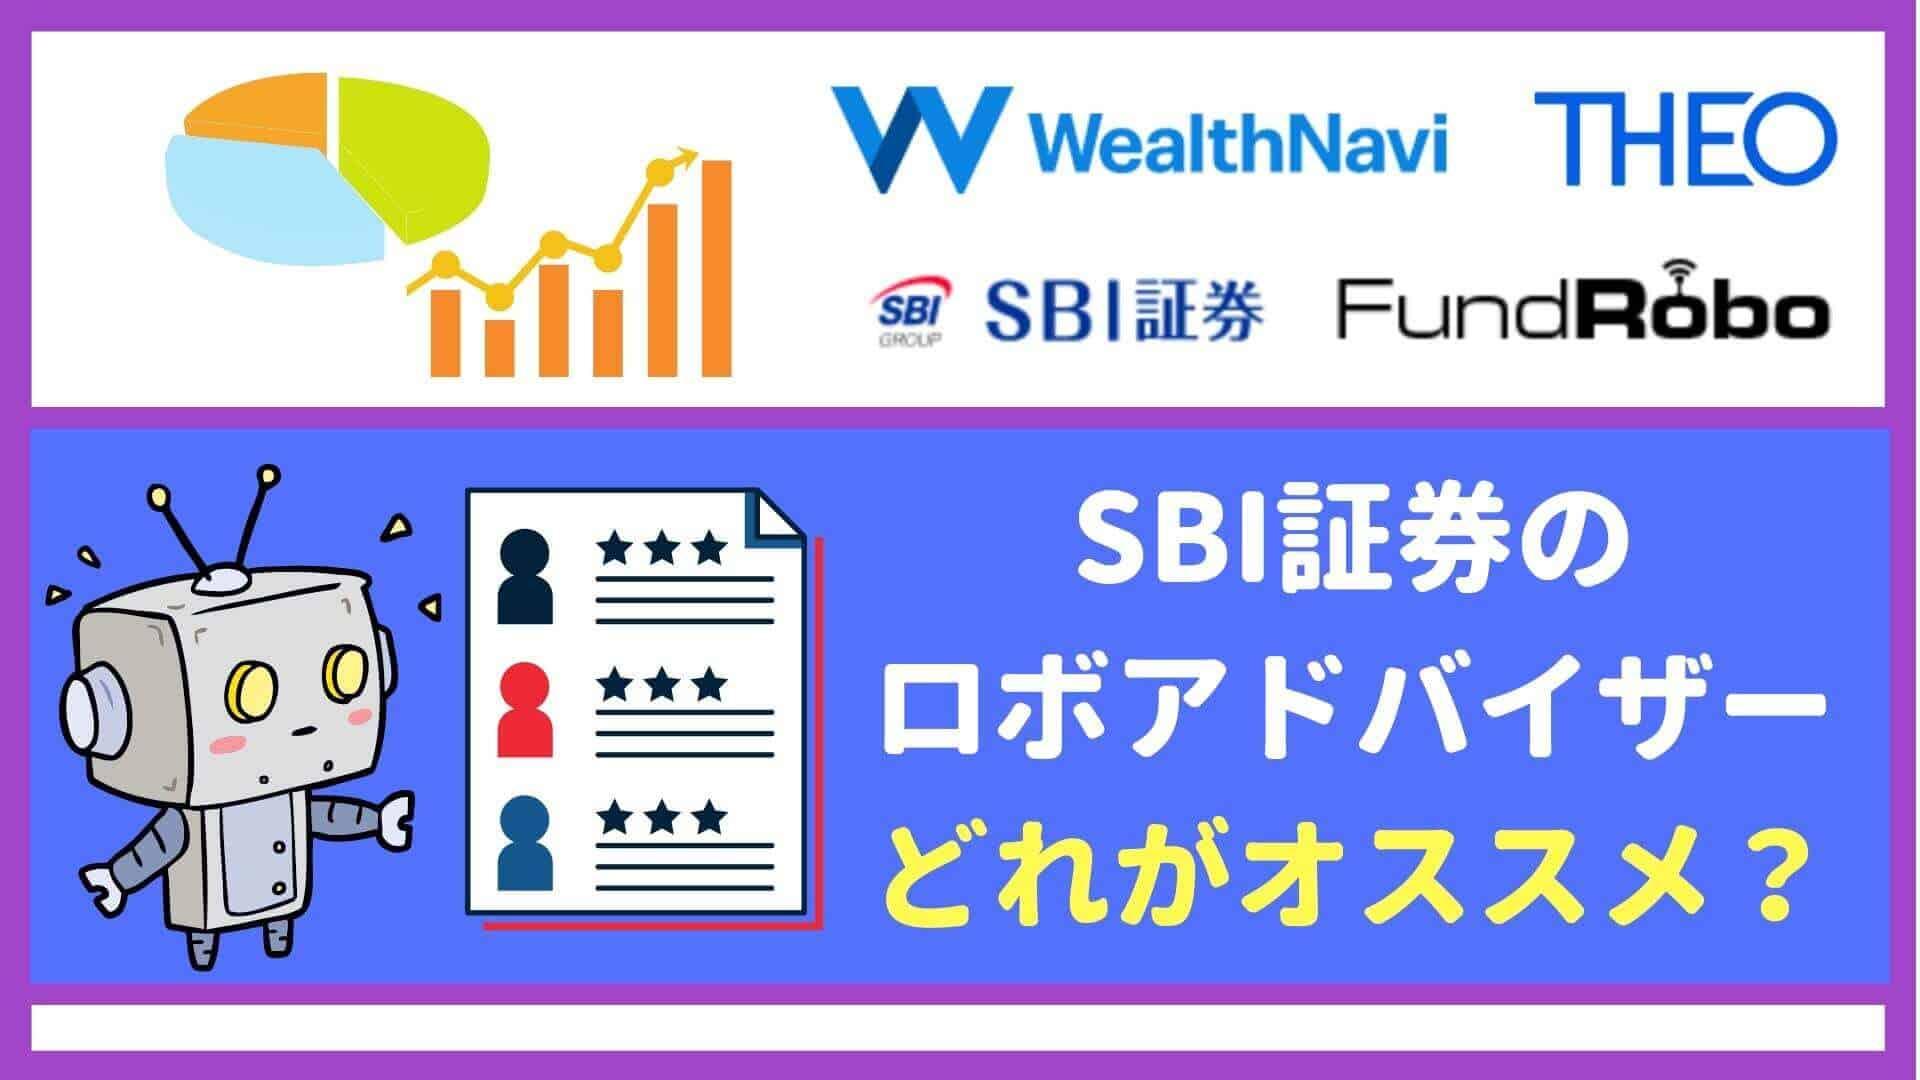 SBI証券のロボアドバイザーはどれがオススメ?ウェルスナビ ・THEO等を評価・比較